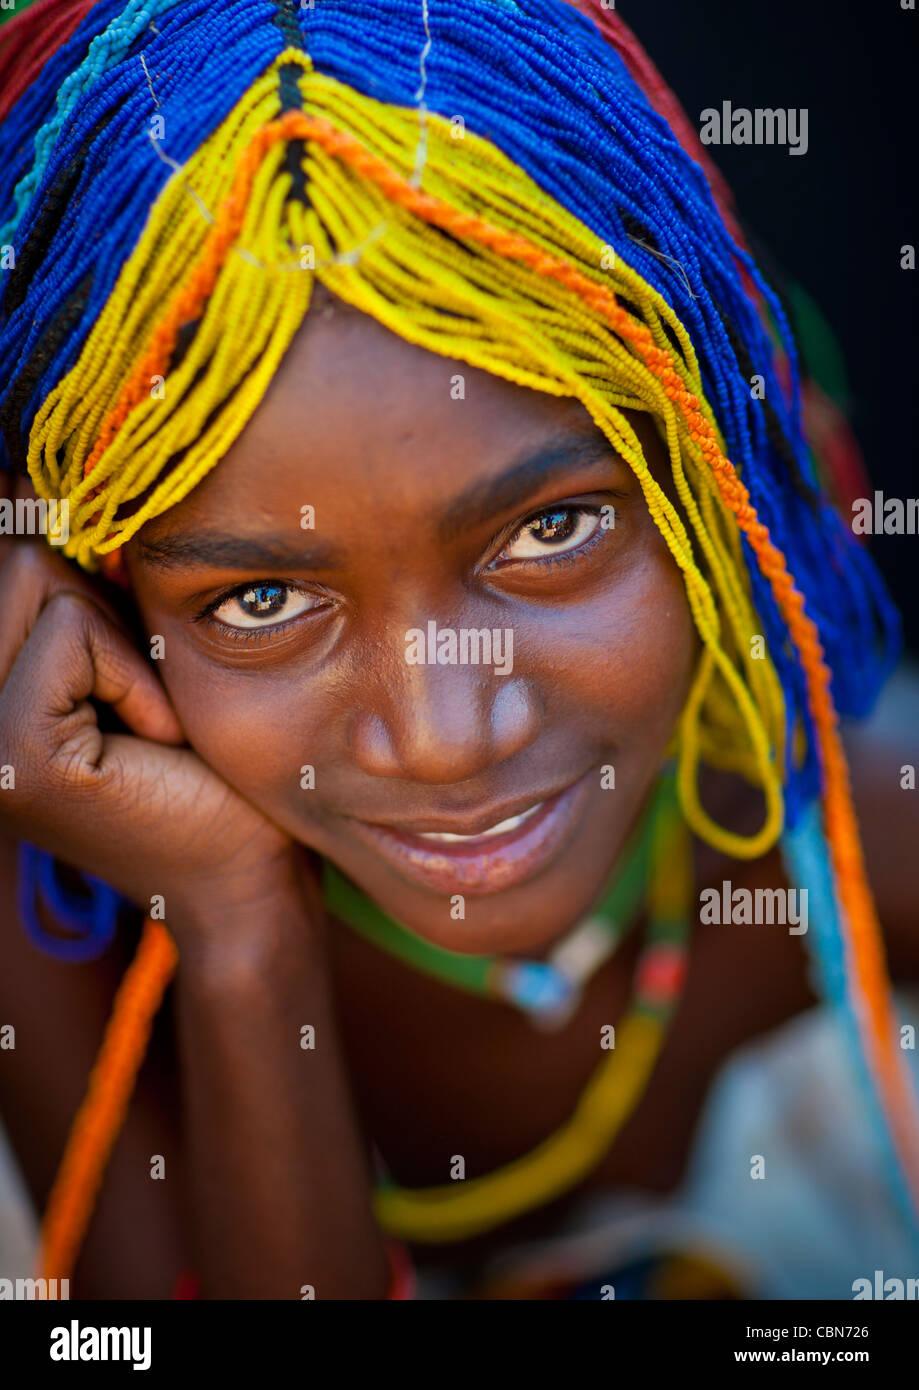 Mudimba ragazza con una parrucca bordato chiamato Misses Ena, villaggio di Combelo, Angola Immagini Stock